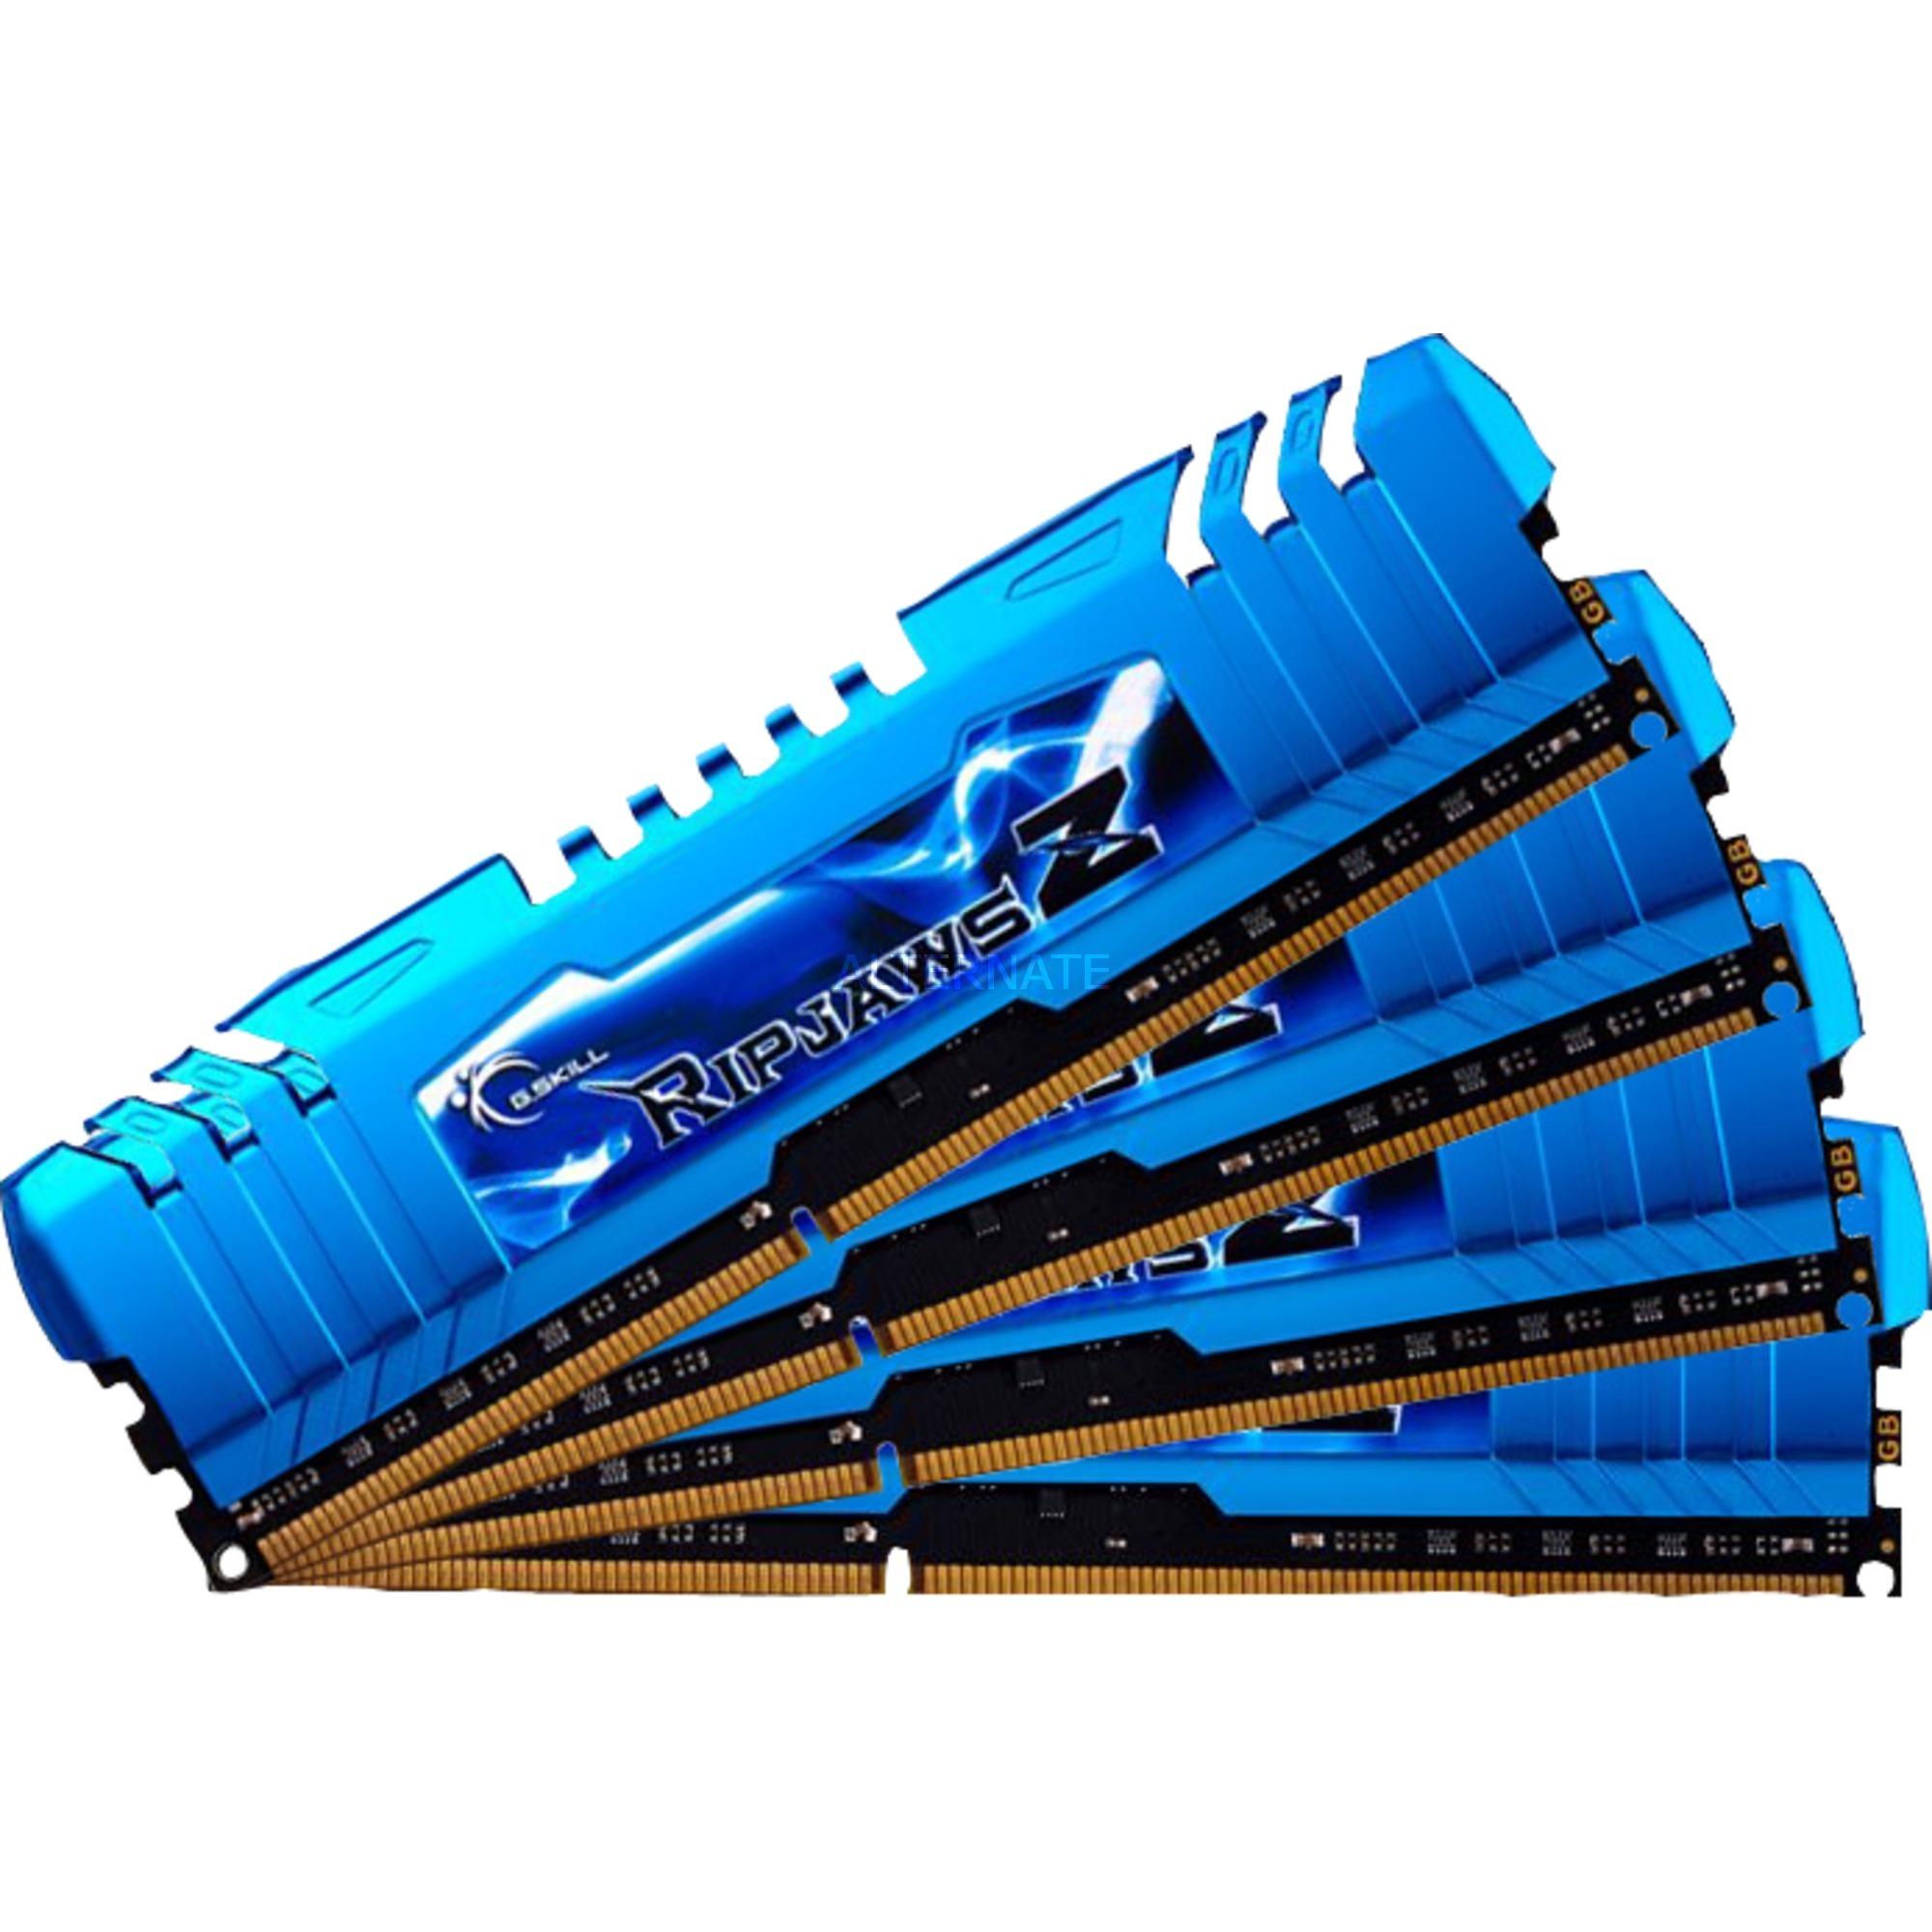 32GB DDR3-2133 32Go DDR3 2133MHz module de mémoire